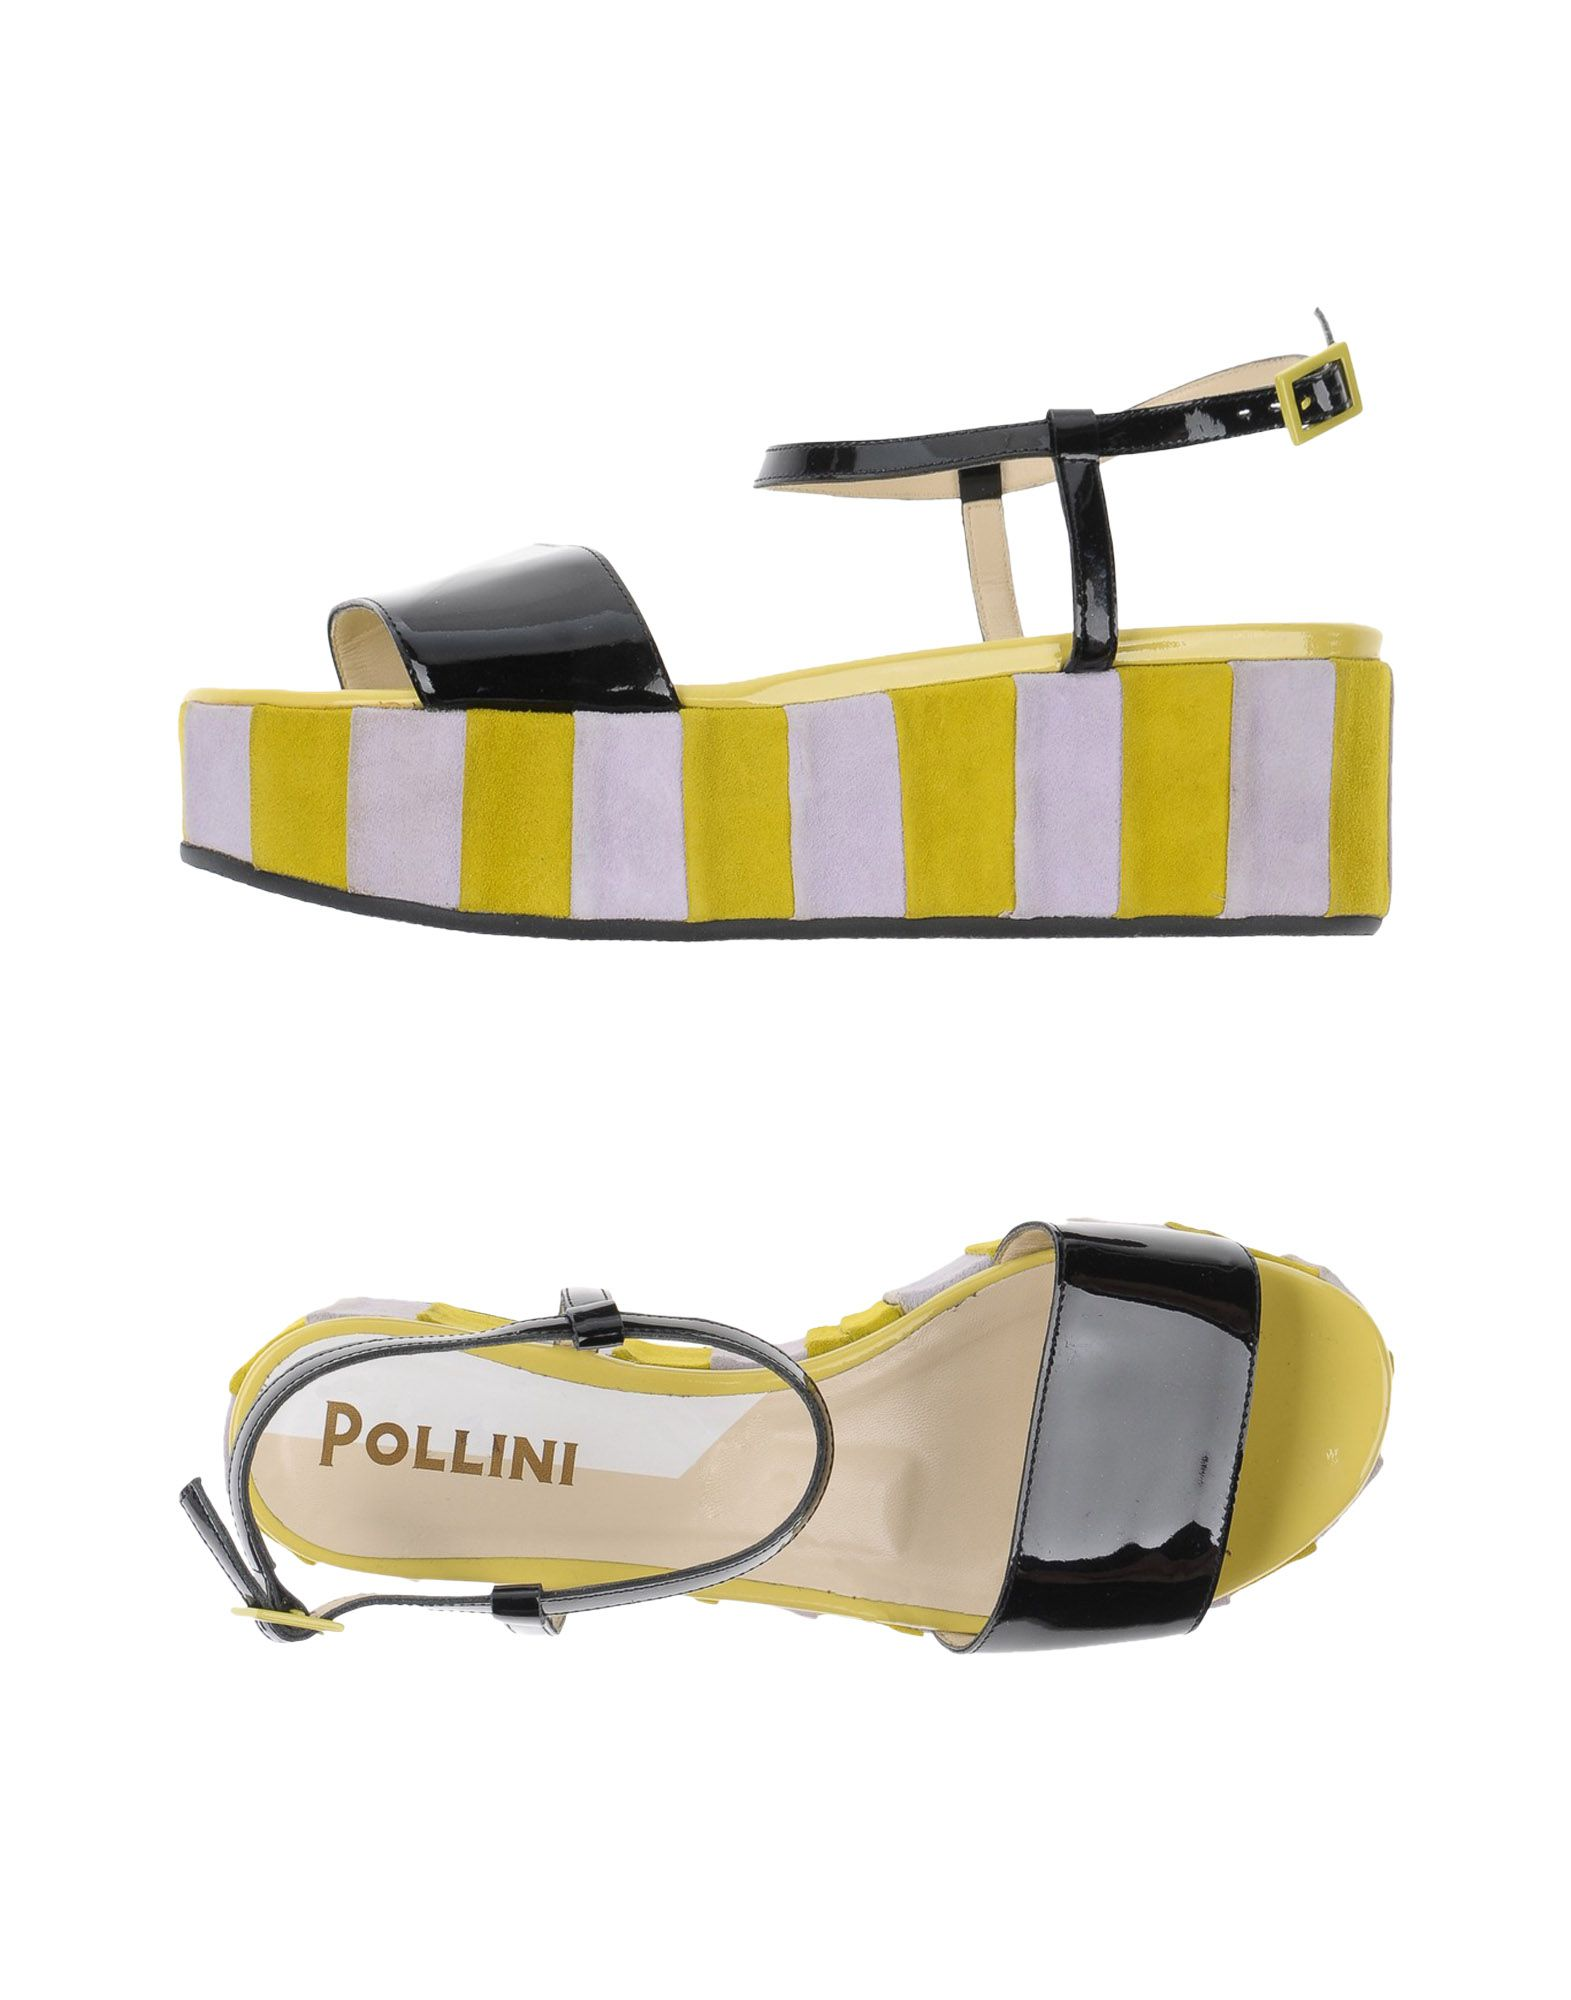 Sandales Pollini Femme - Sandales Pollini sur